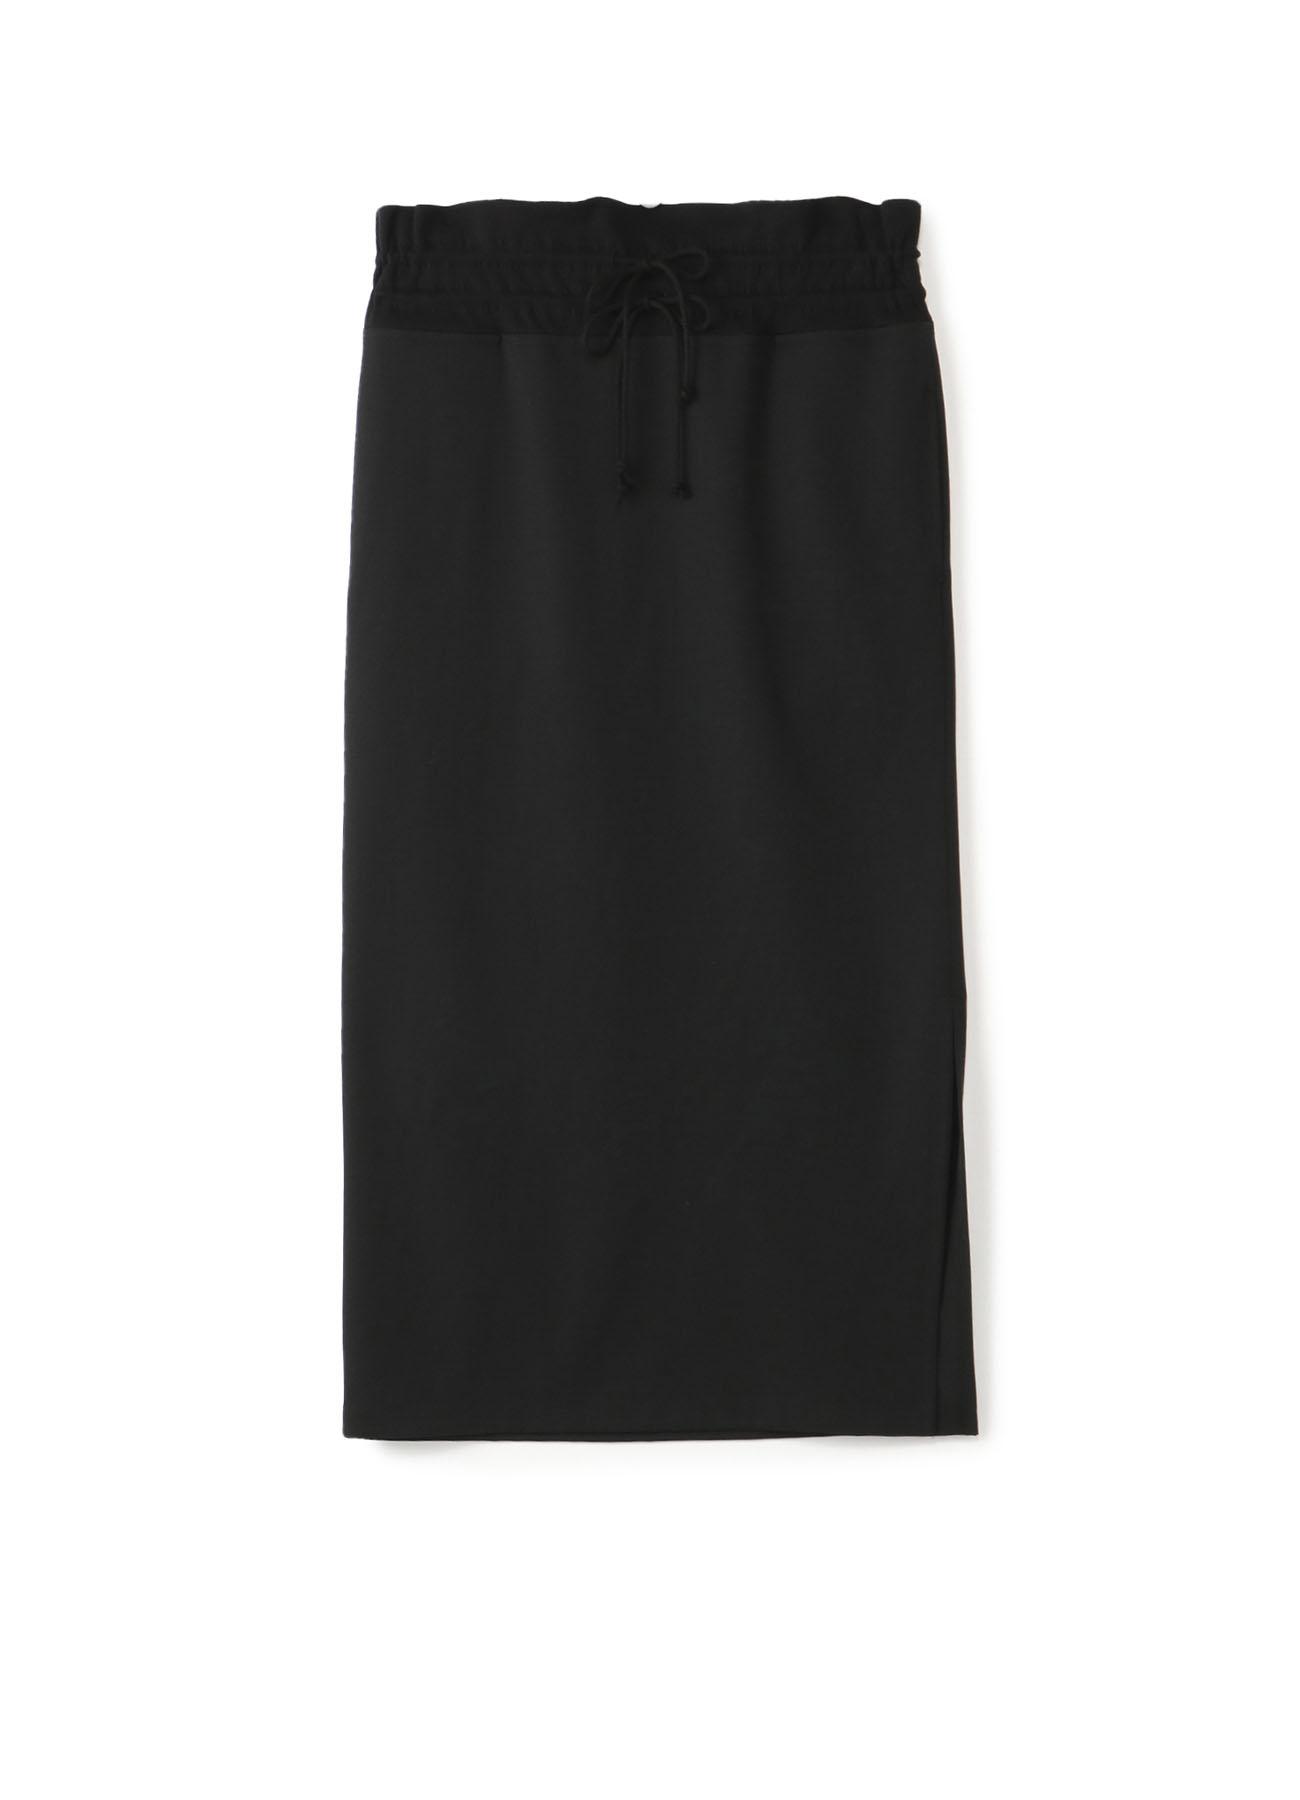 シワギャバウエストヒモタイトスカート